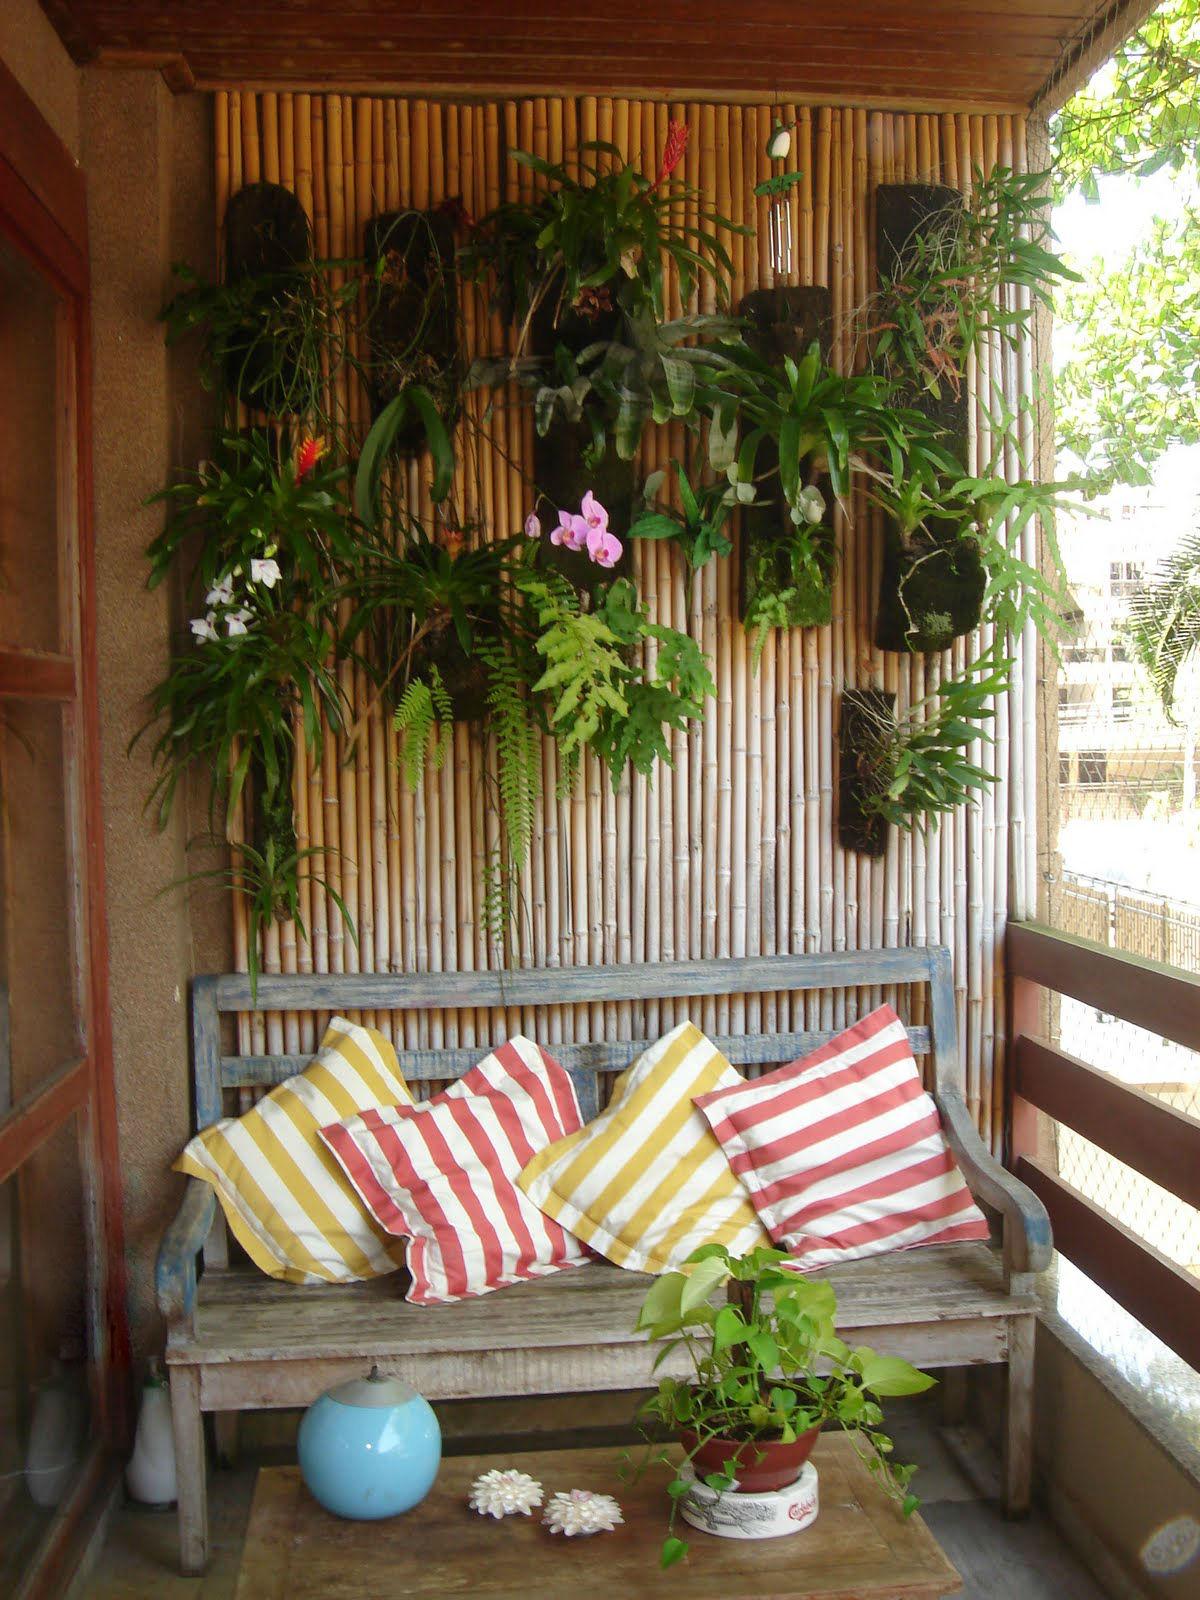 jardim vertical sacada:Olá meninas, hoje venho com algumas idéias de decoração para